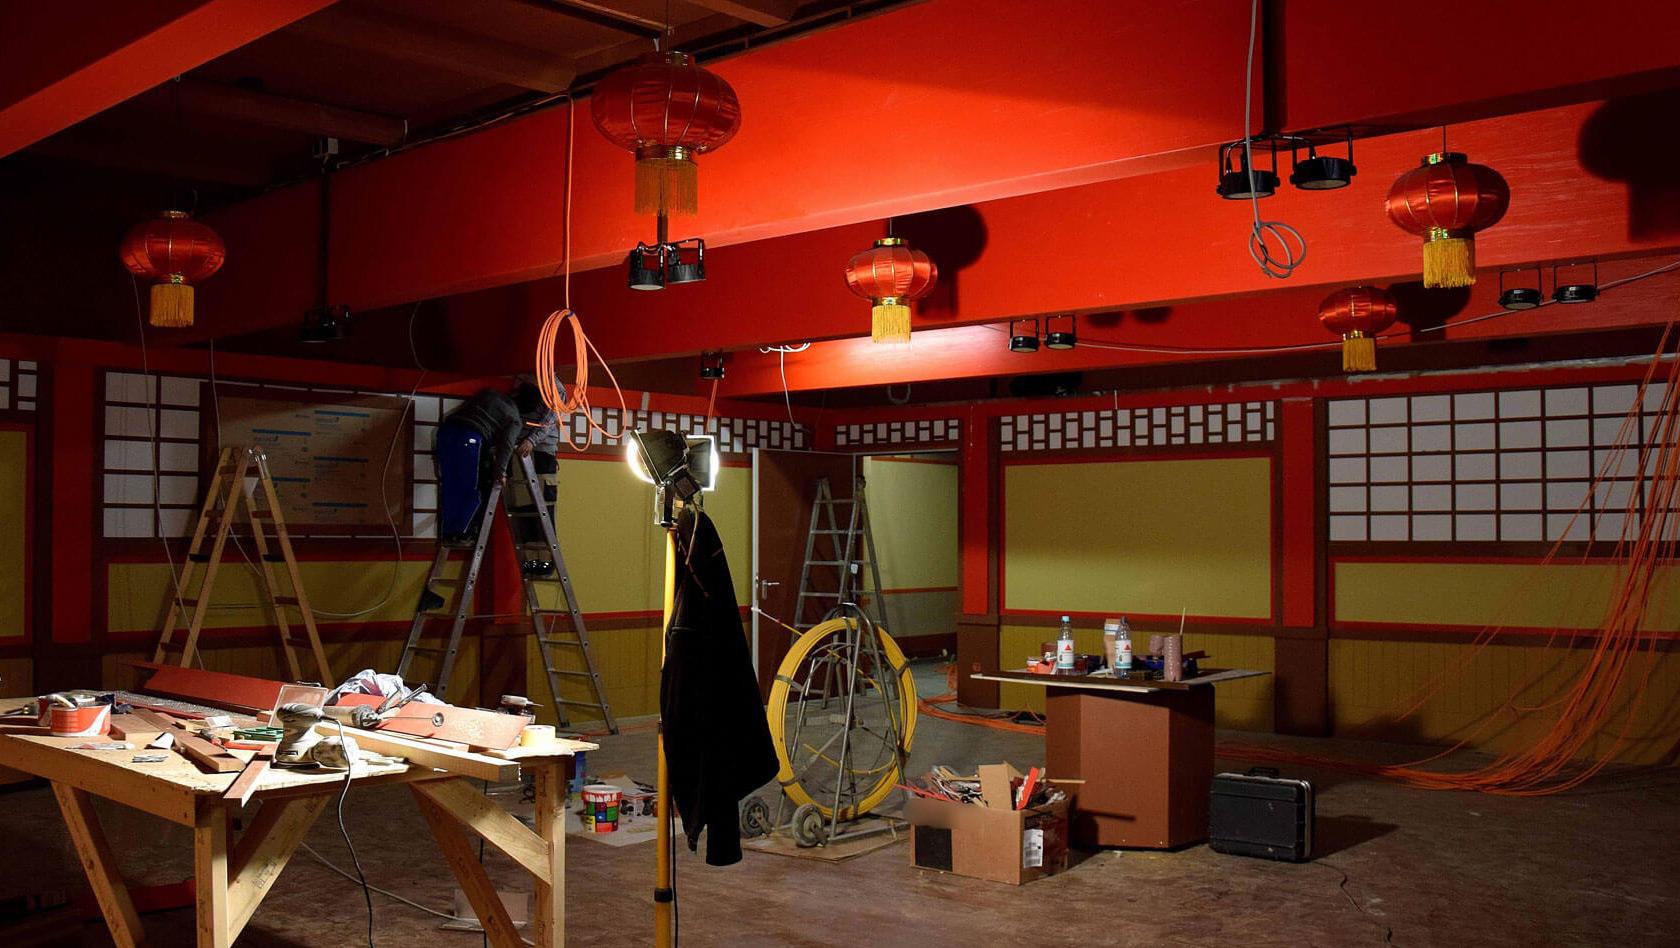 lego ninjago world baustelle im blick innen ansicht der neuen themenfahrt im legoland. Black Bedroom Furniture Sets. Home Design Ideas